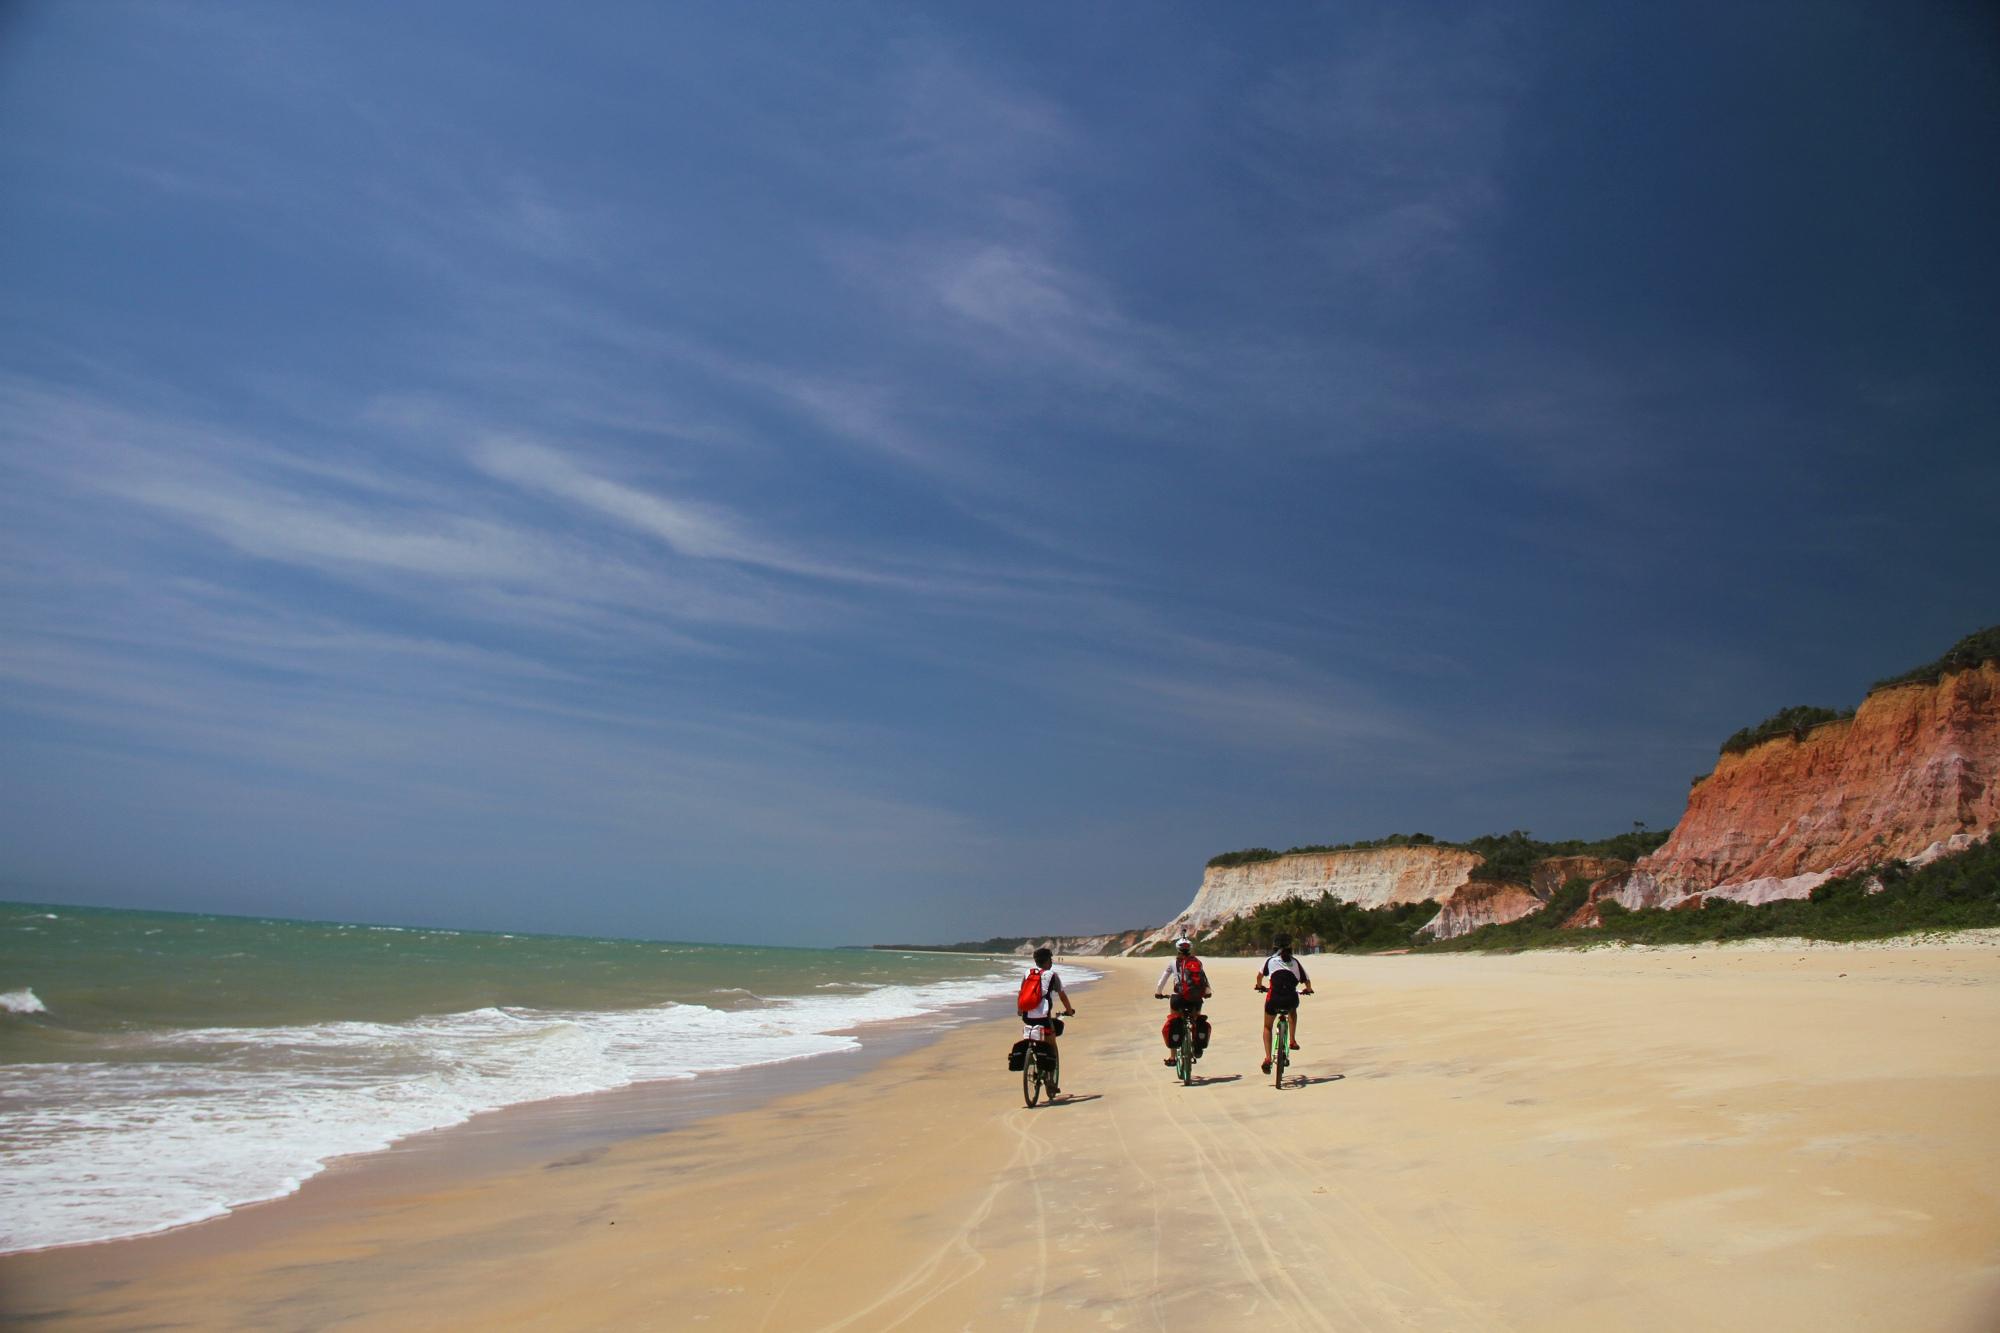 Pitinga é uma das praias do roteiro de bicicleta, entre Arraial d'Ajuda a Trancoso (foto: Eduardo Vessoni)